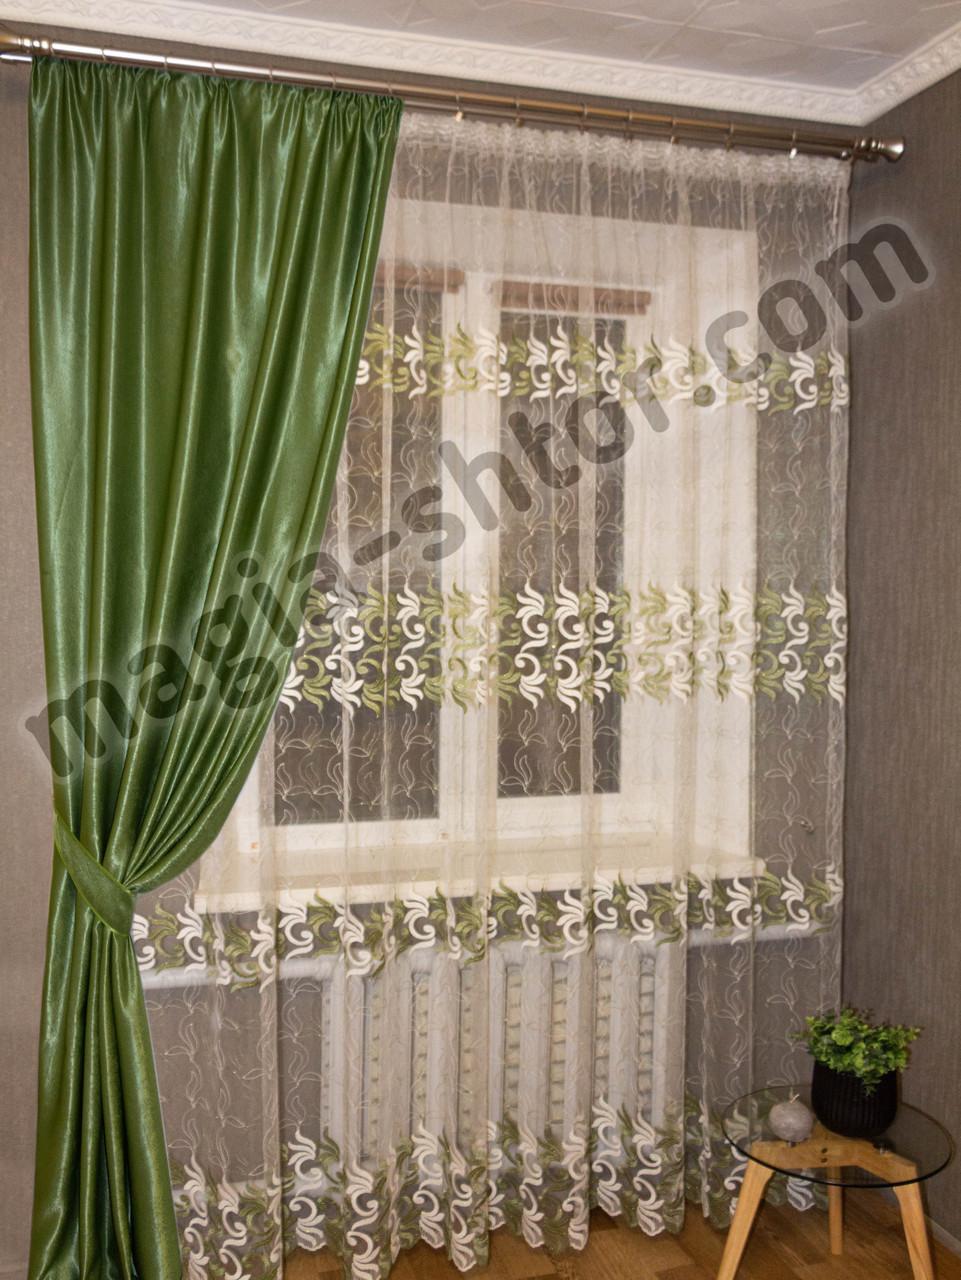 Тюль на фатине в спальню Турция, оливковая с вышивкой